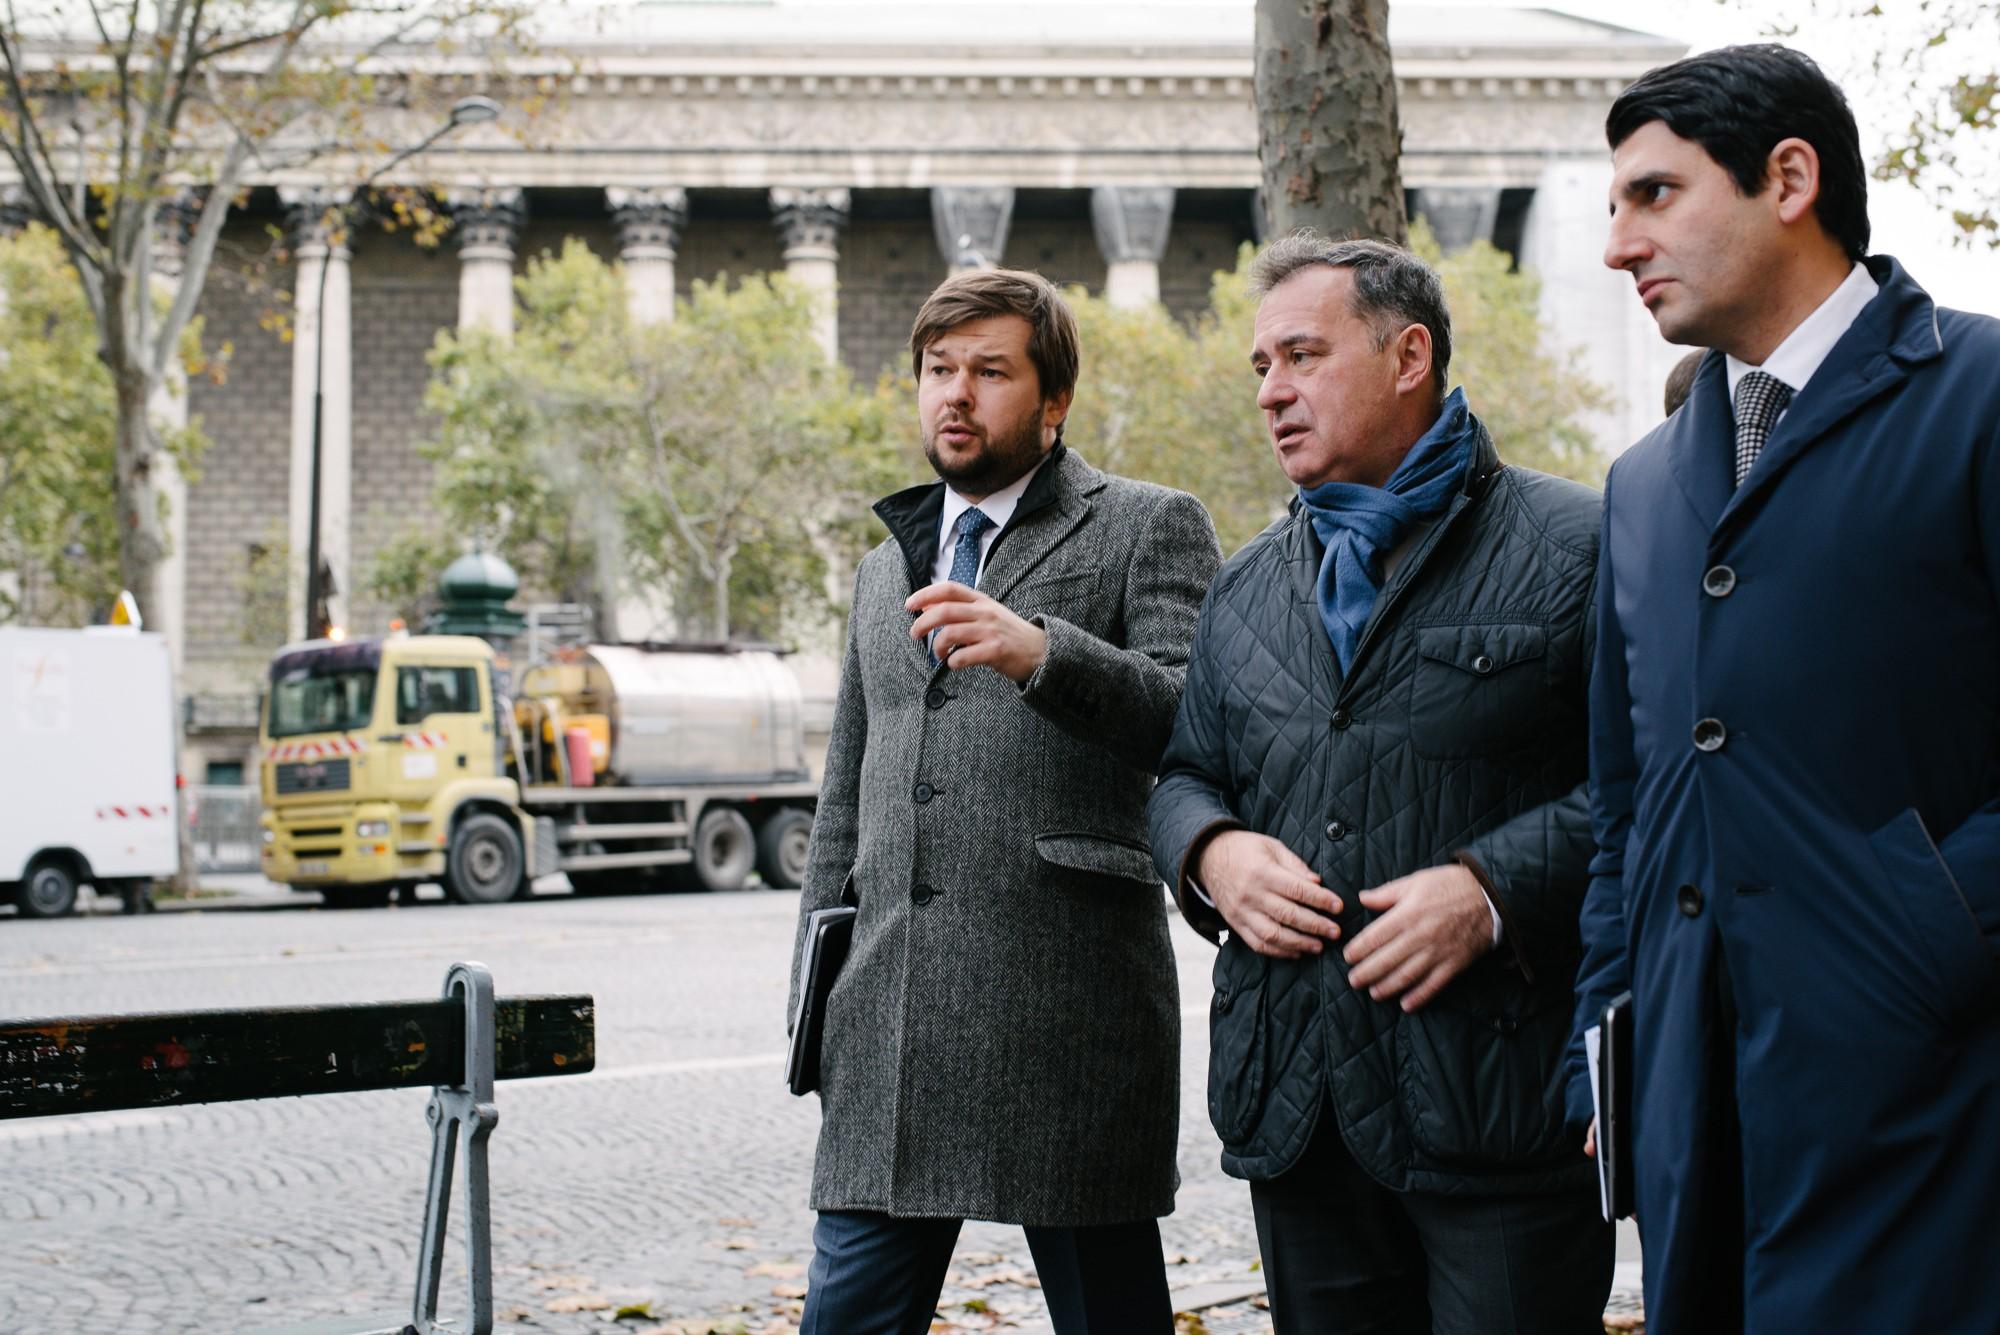 Pavel SOROKINE (vice-ministre de l'énergie), Pascal LOROT (président de l'institut Choiseul), Azer TALYBOV (vice-ministre du développement économique). Photo : Adrien Thibault